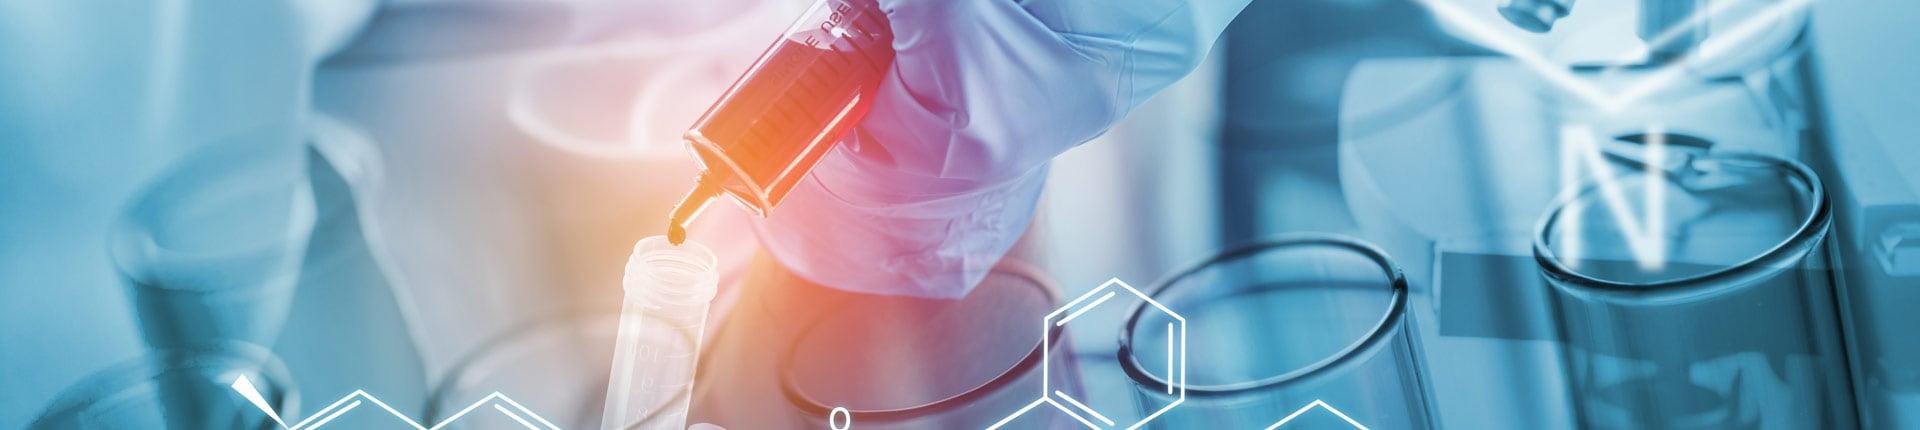 Białko serwatkowe dla kobiet: przed czy po treningu?